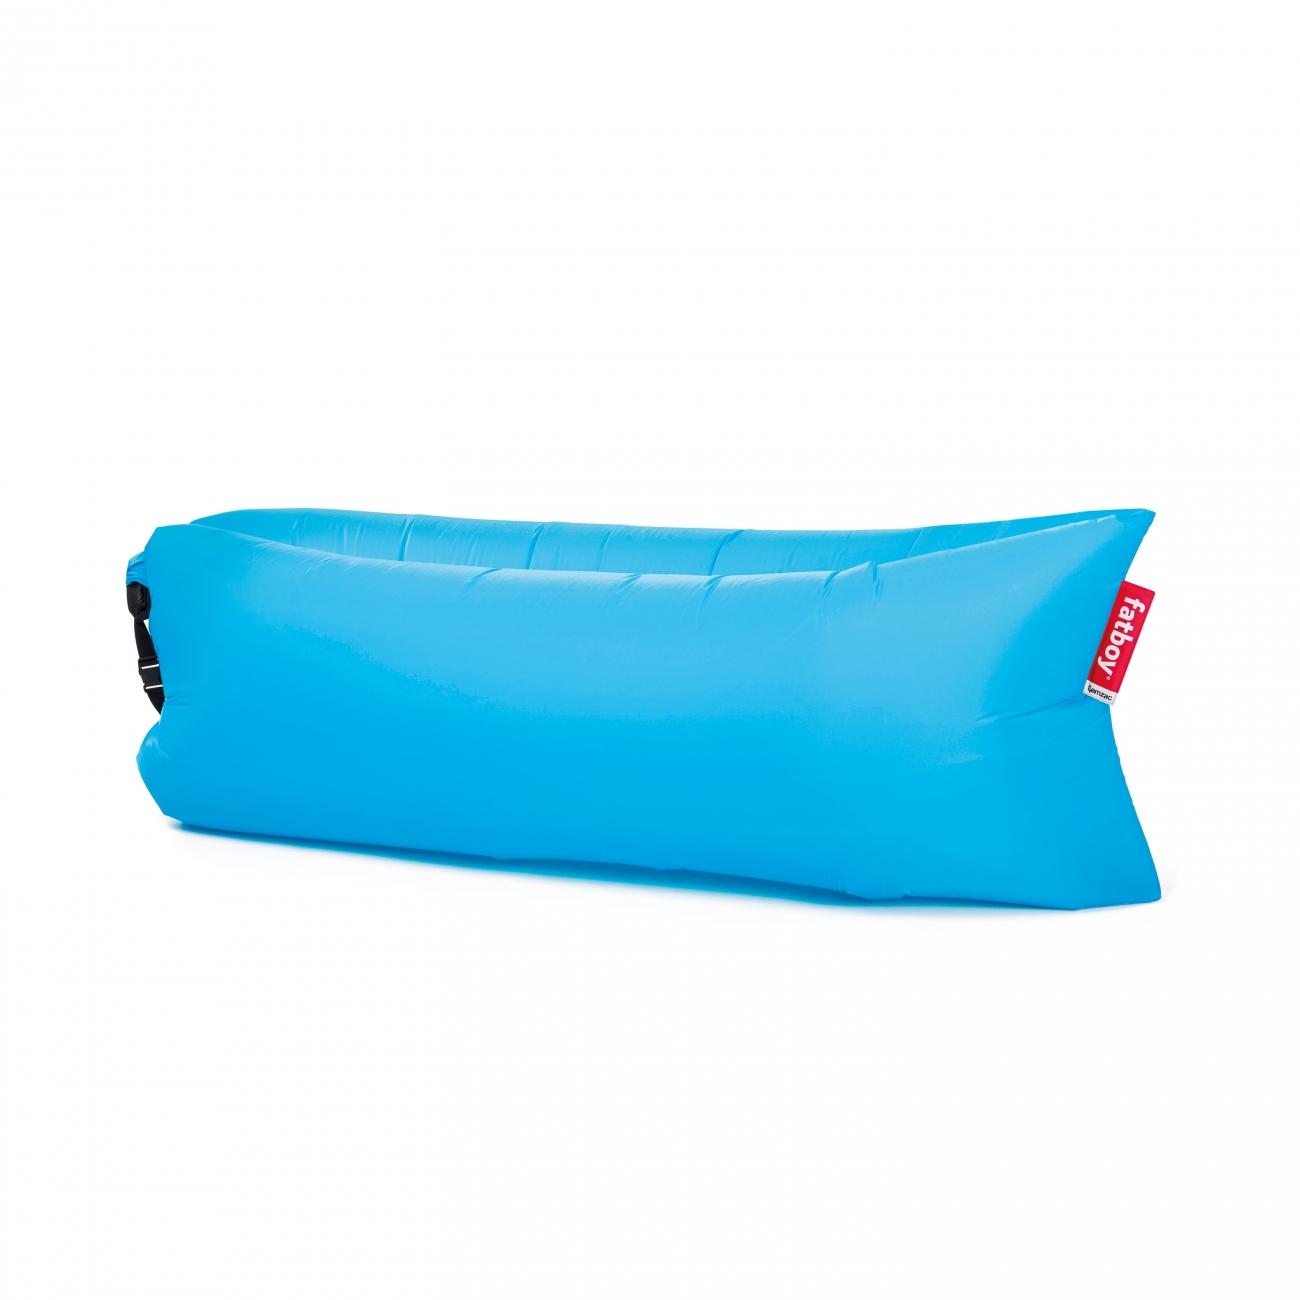 FATBOY Lamzac the original 2.0 aqua-blue